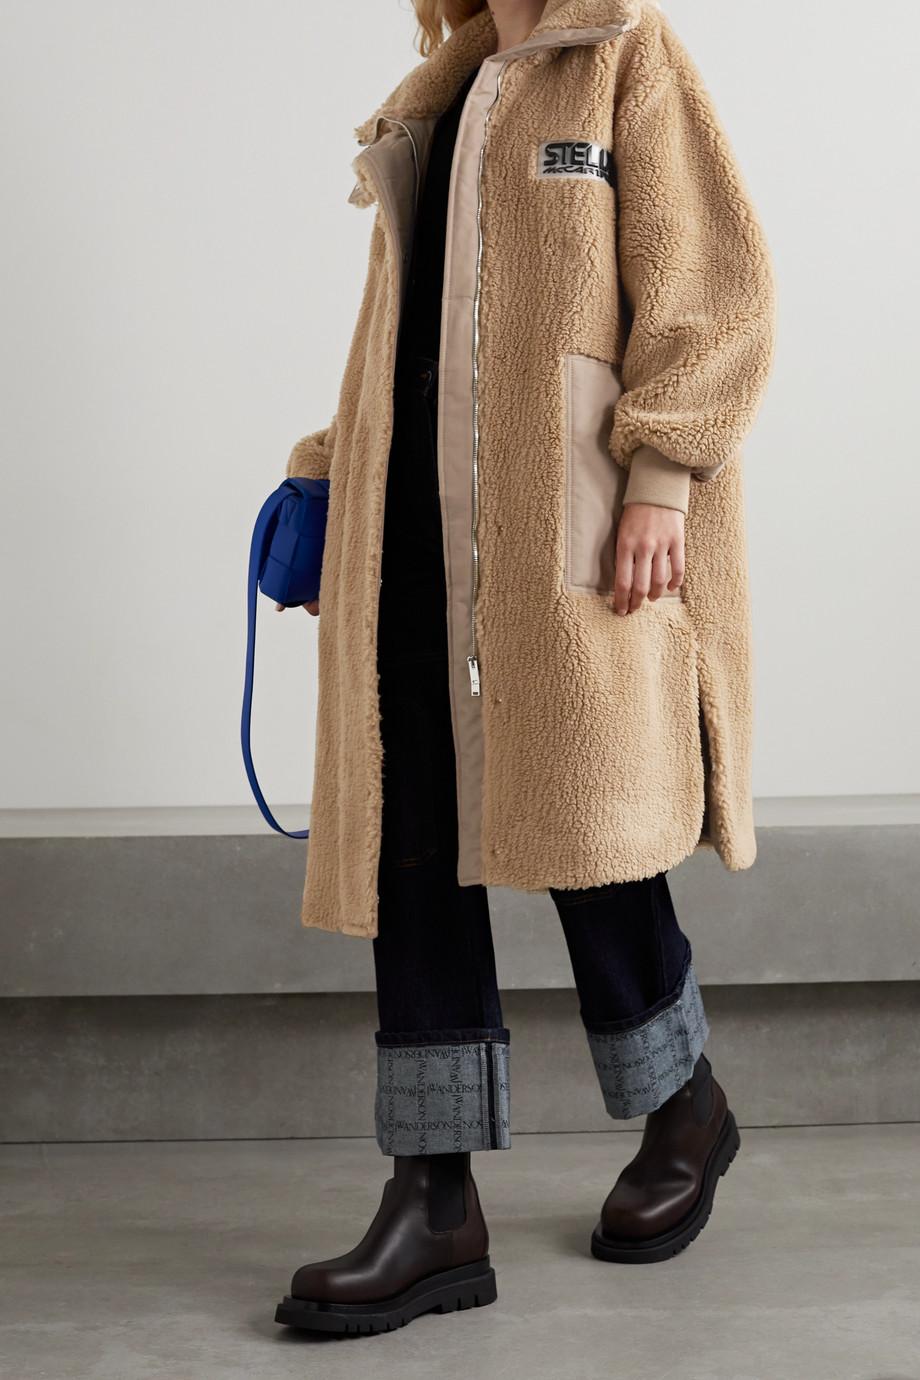 Stella McCartney Manteau en peau lainée synthétique à finitions en tissu technique Luna